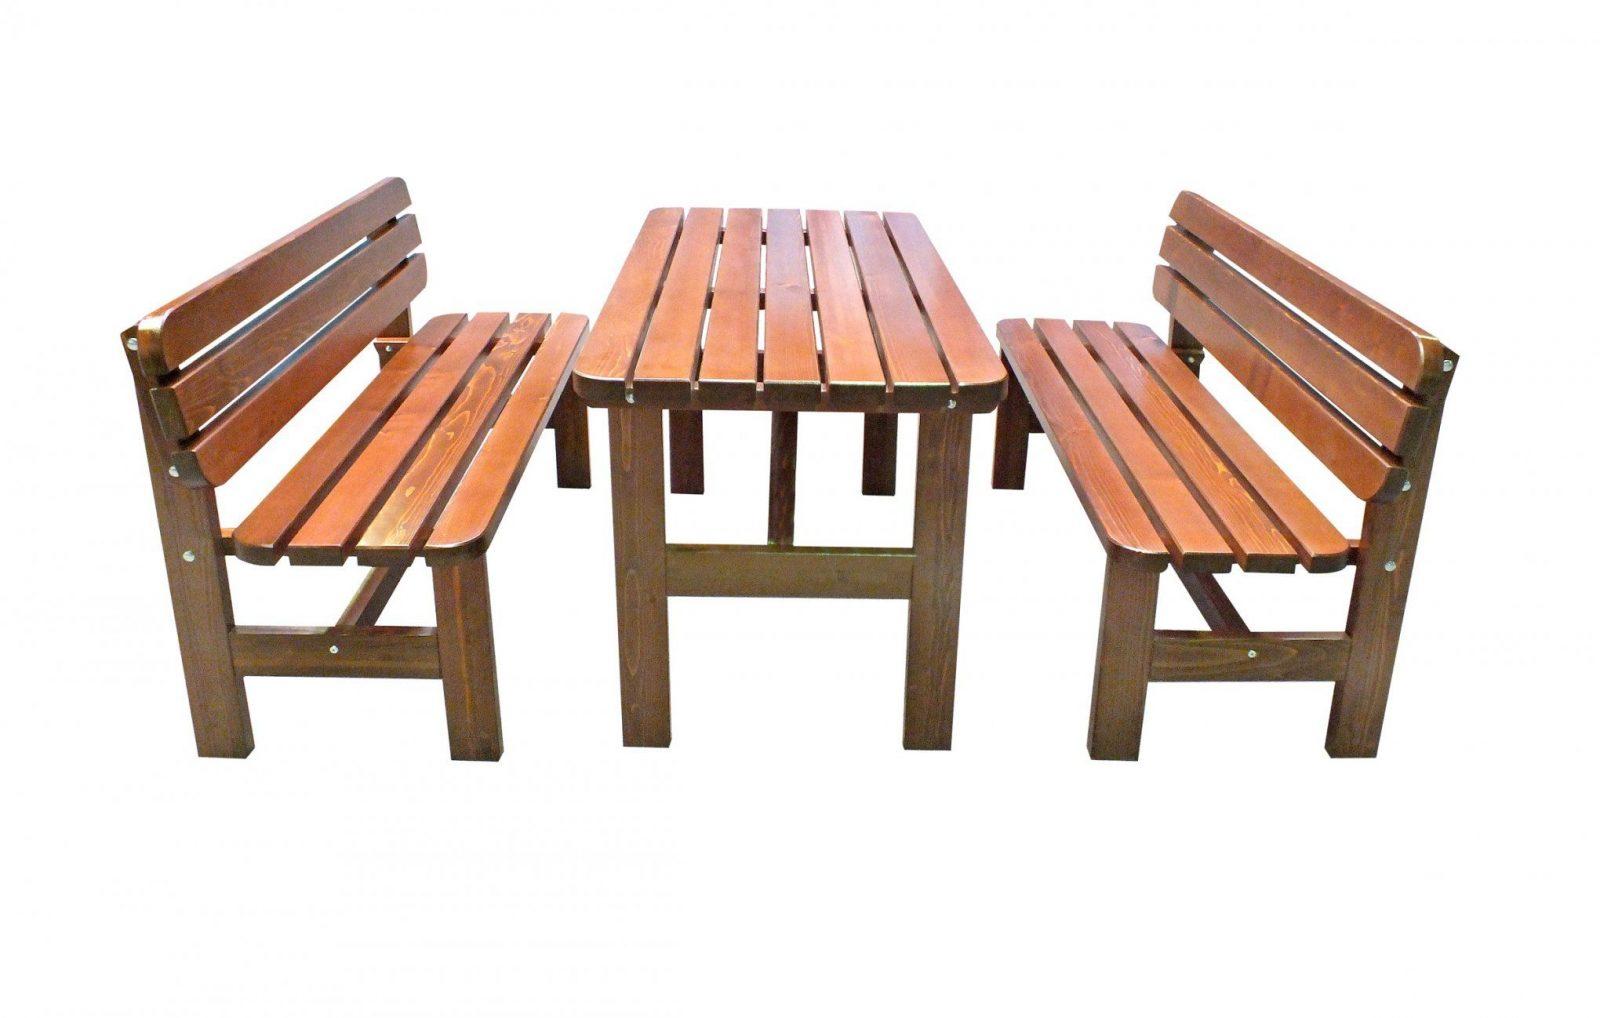 Gartenmöbel Set  Sitzgruppe Bregenz Braun 150X70Cm  Bei von Gartenmöbel Set Holz Mit Bank Bild